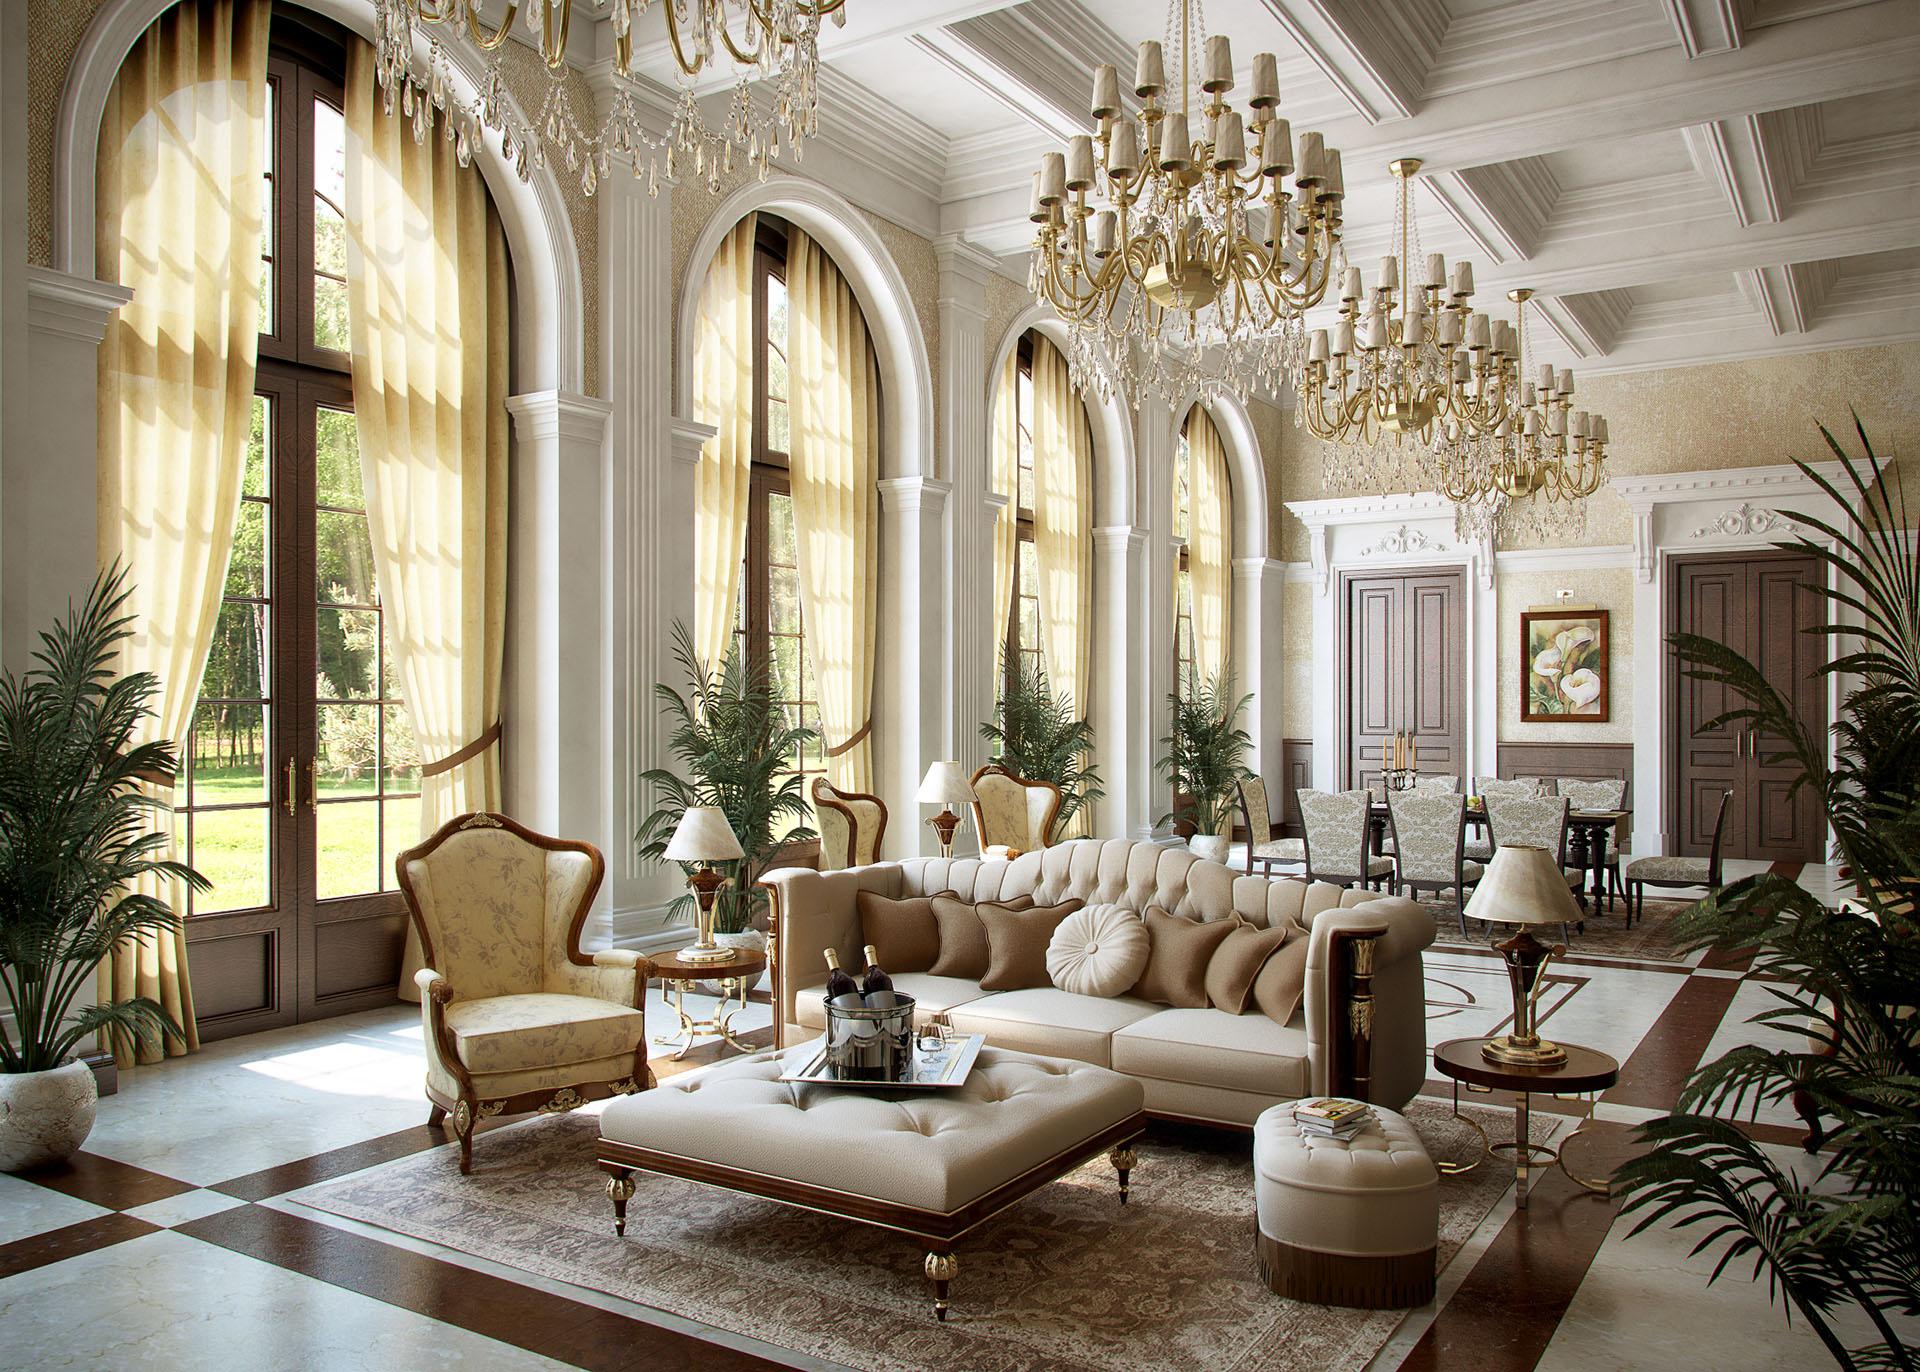 Taher Design Luxury Classic Interior (1).jpg